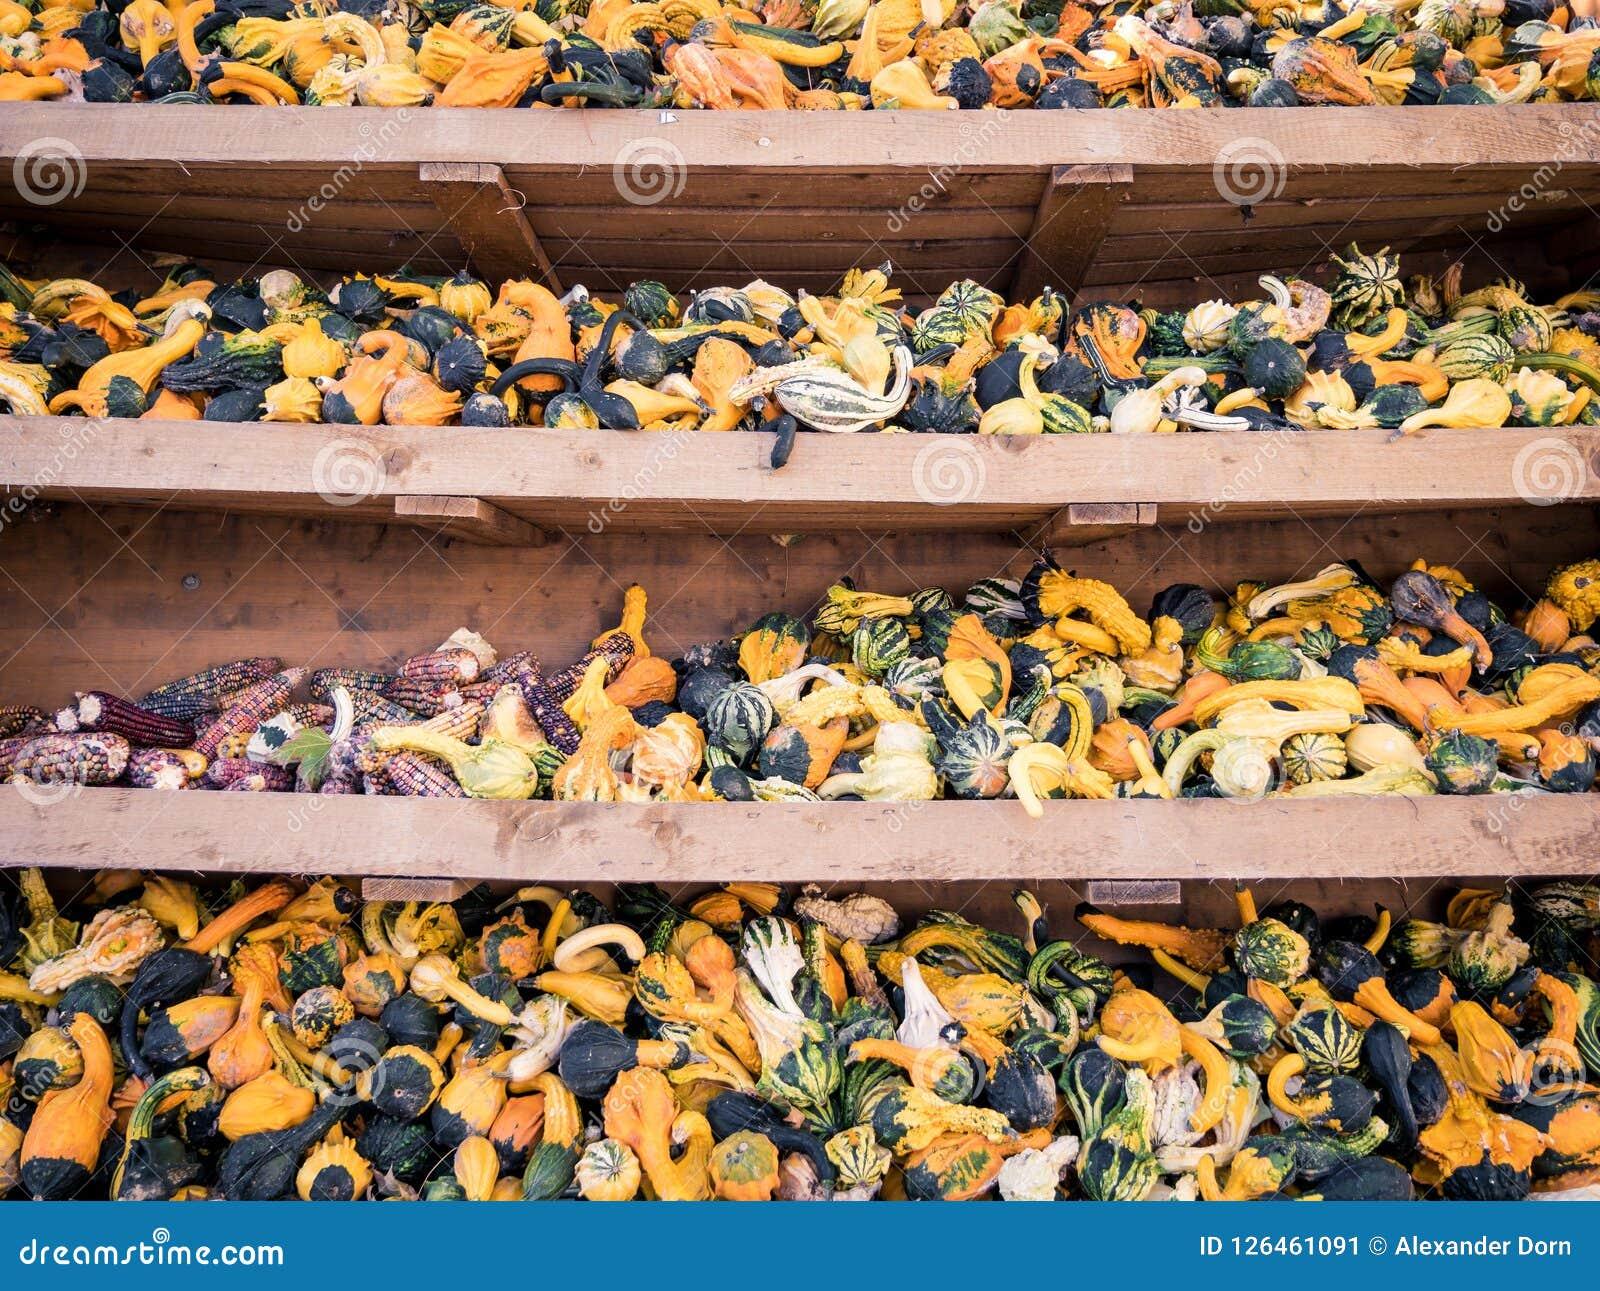 Immagine di piccoli pumkins e cereale in uno scaffale